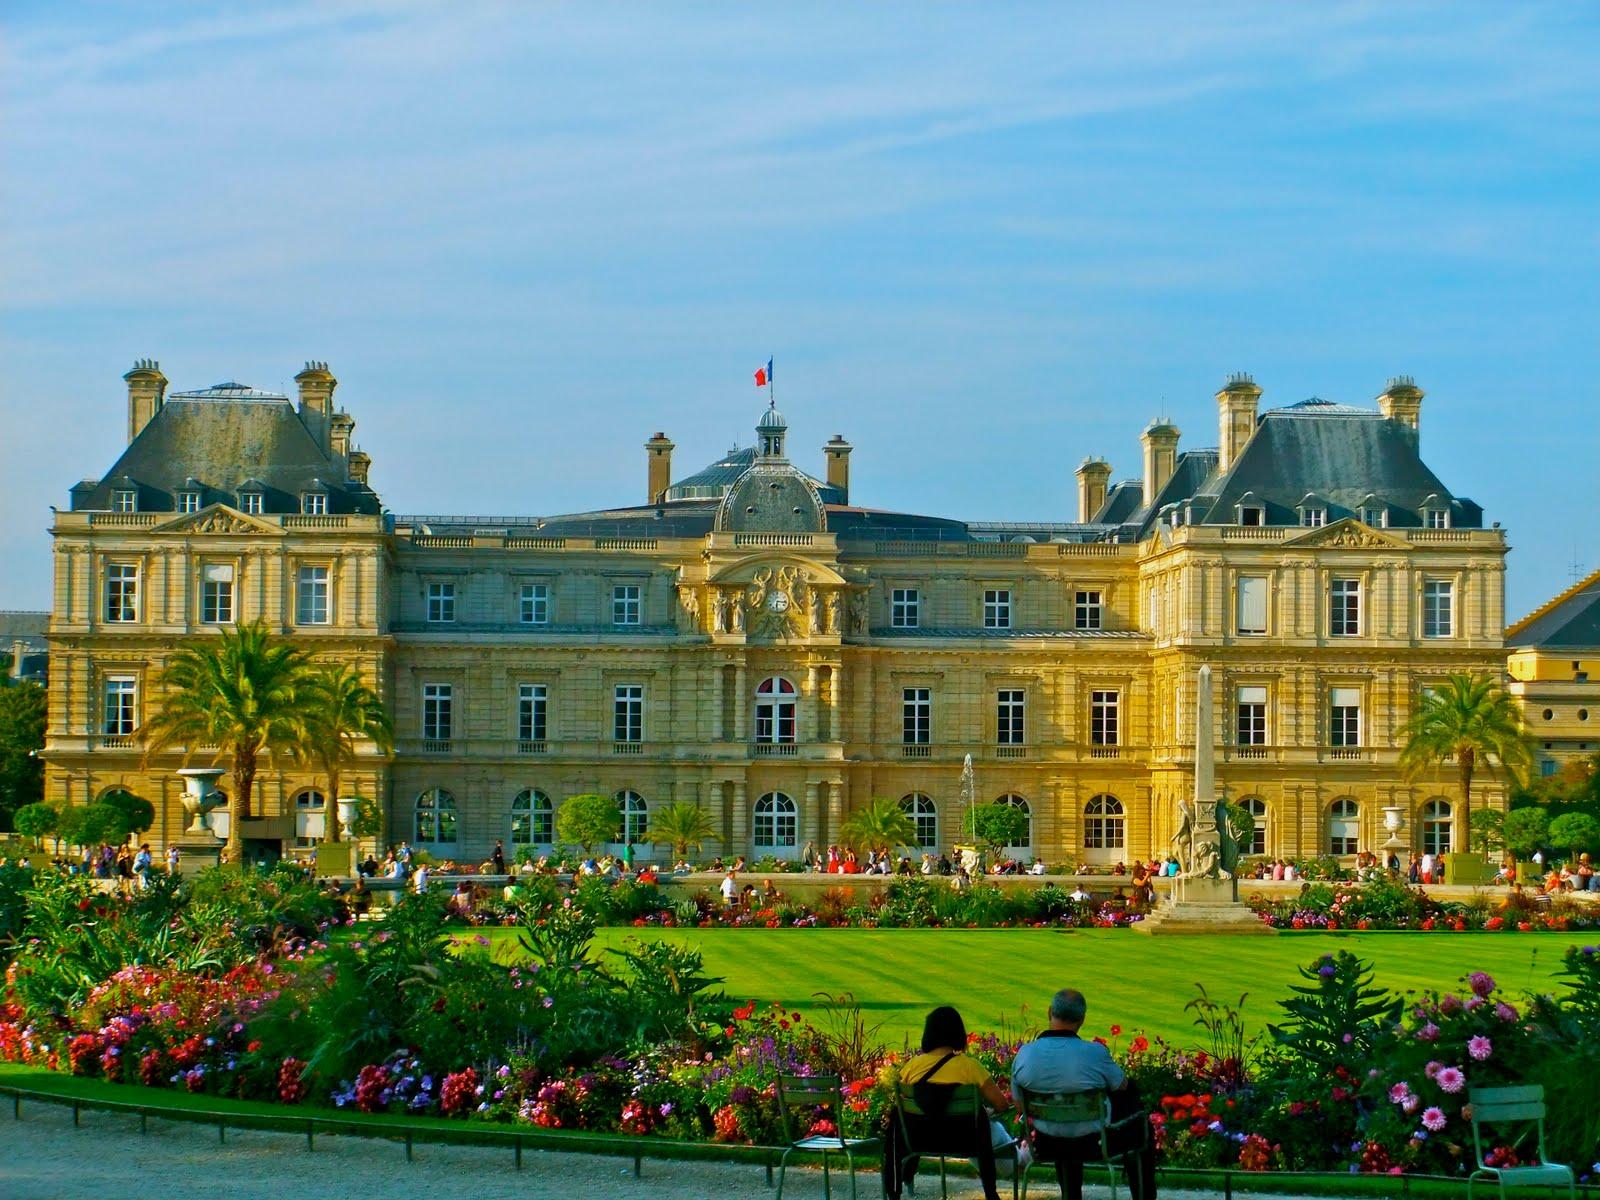 jardin du luxembourg giardini di lussemburgo paris pazzi per parigi. Black Bedroom Furniture Sets. Home Design Ideas